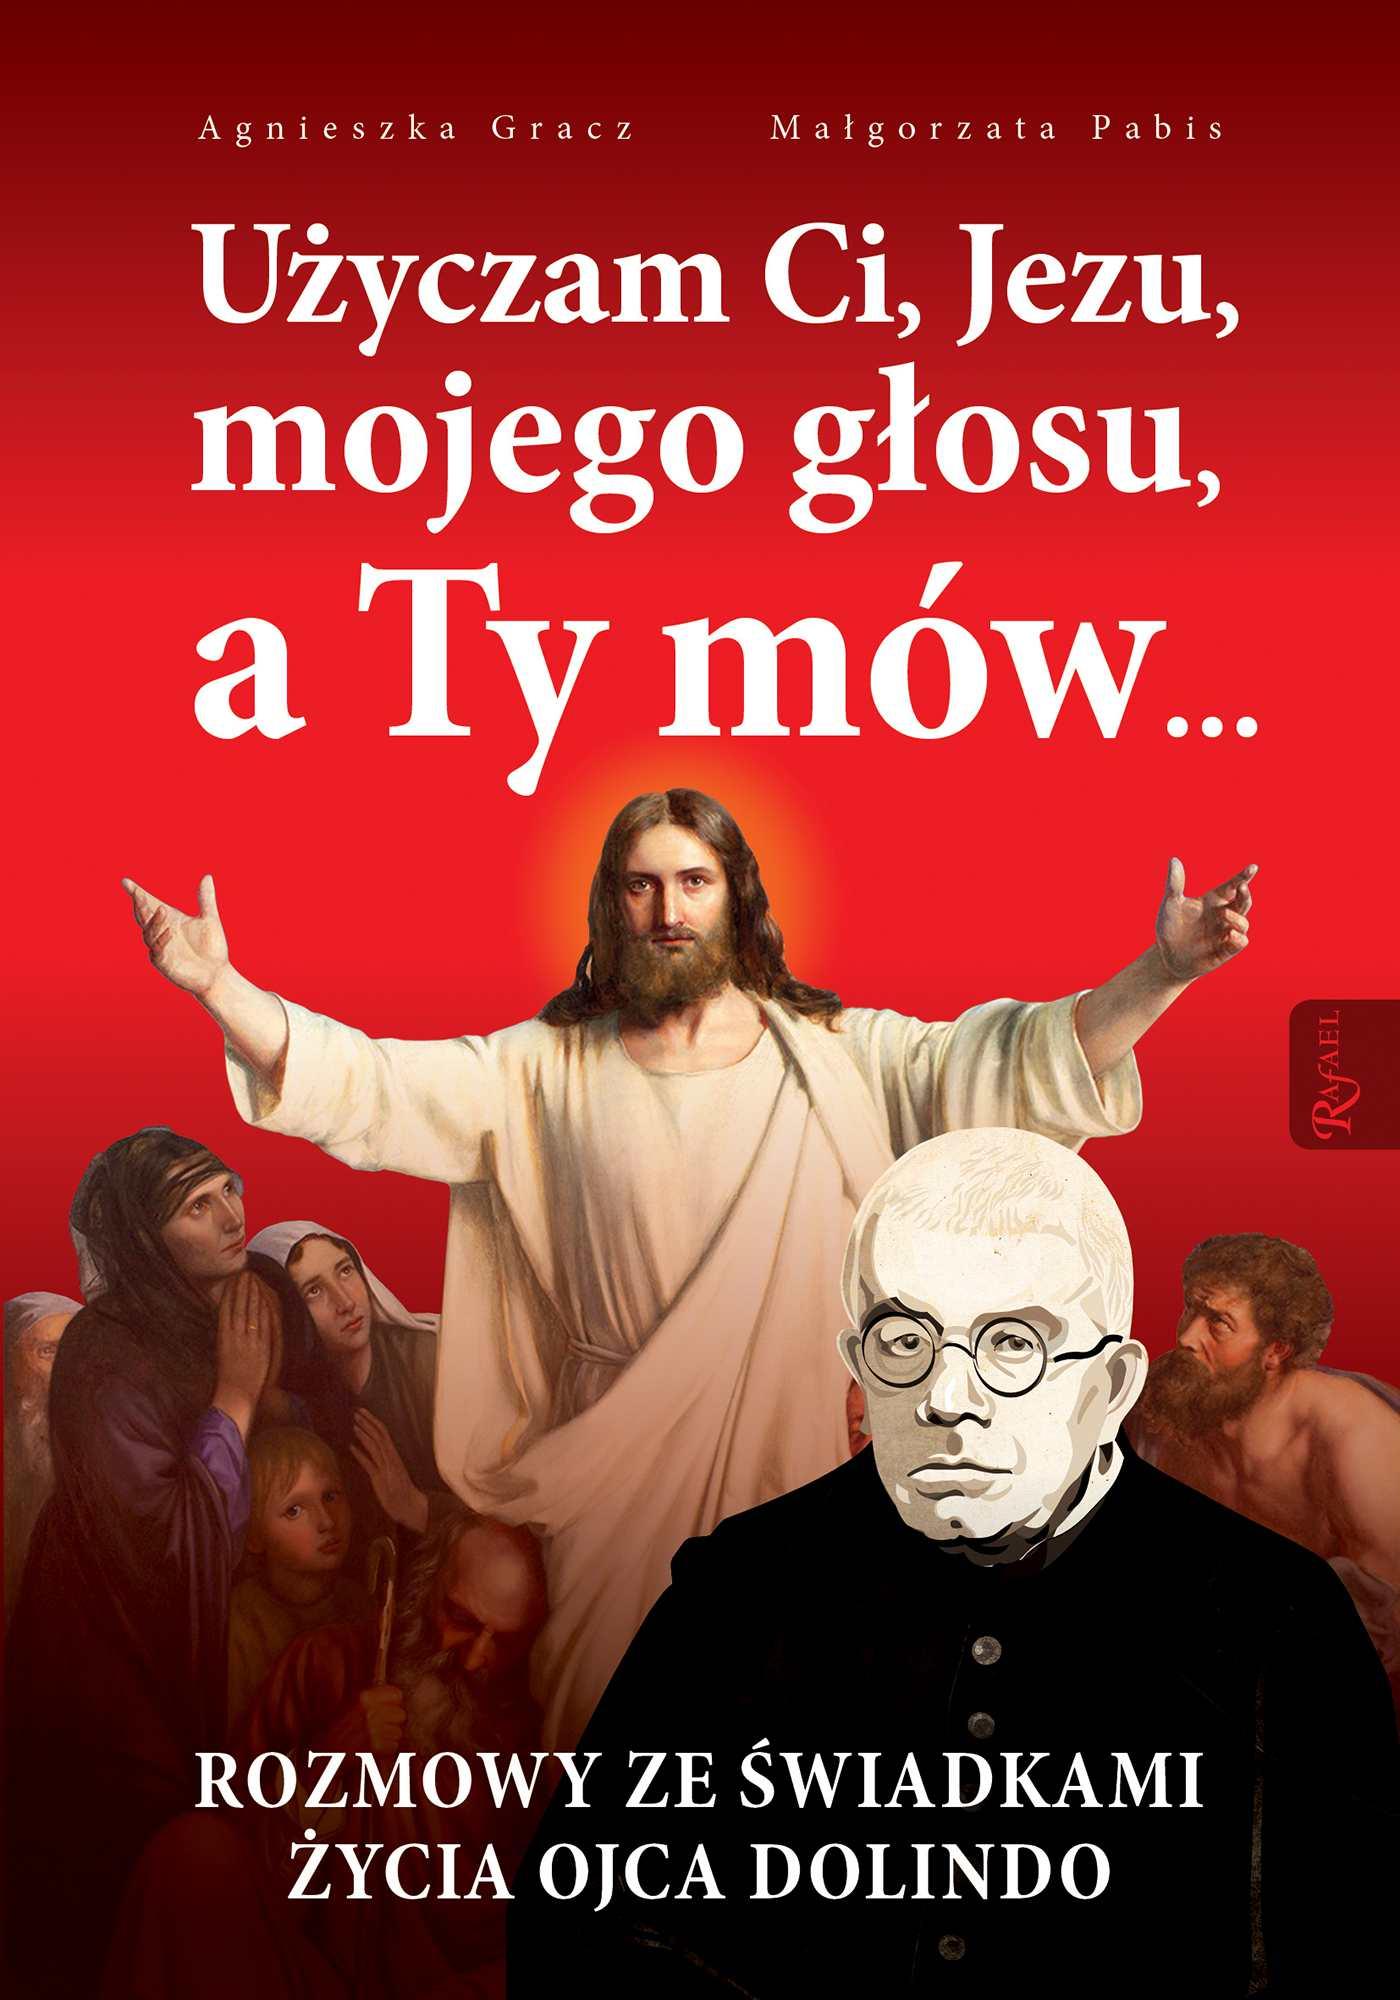 Użyczam Ci, Jezu, mojego głosu, a Ty mów... Rozmowy ze świadkami życia ojca Dolindo